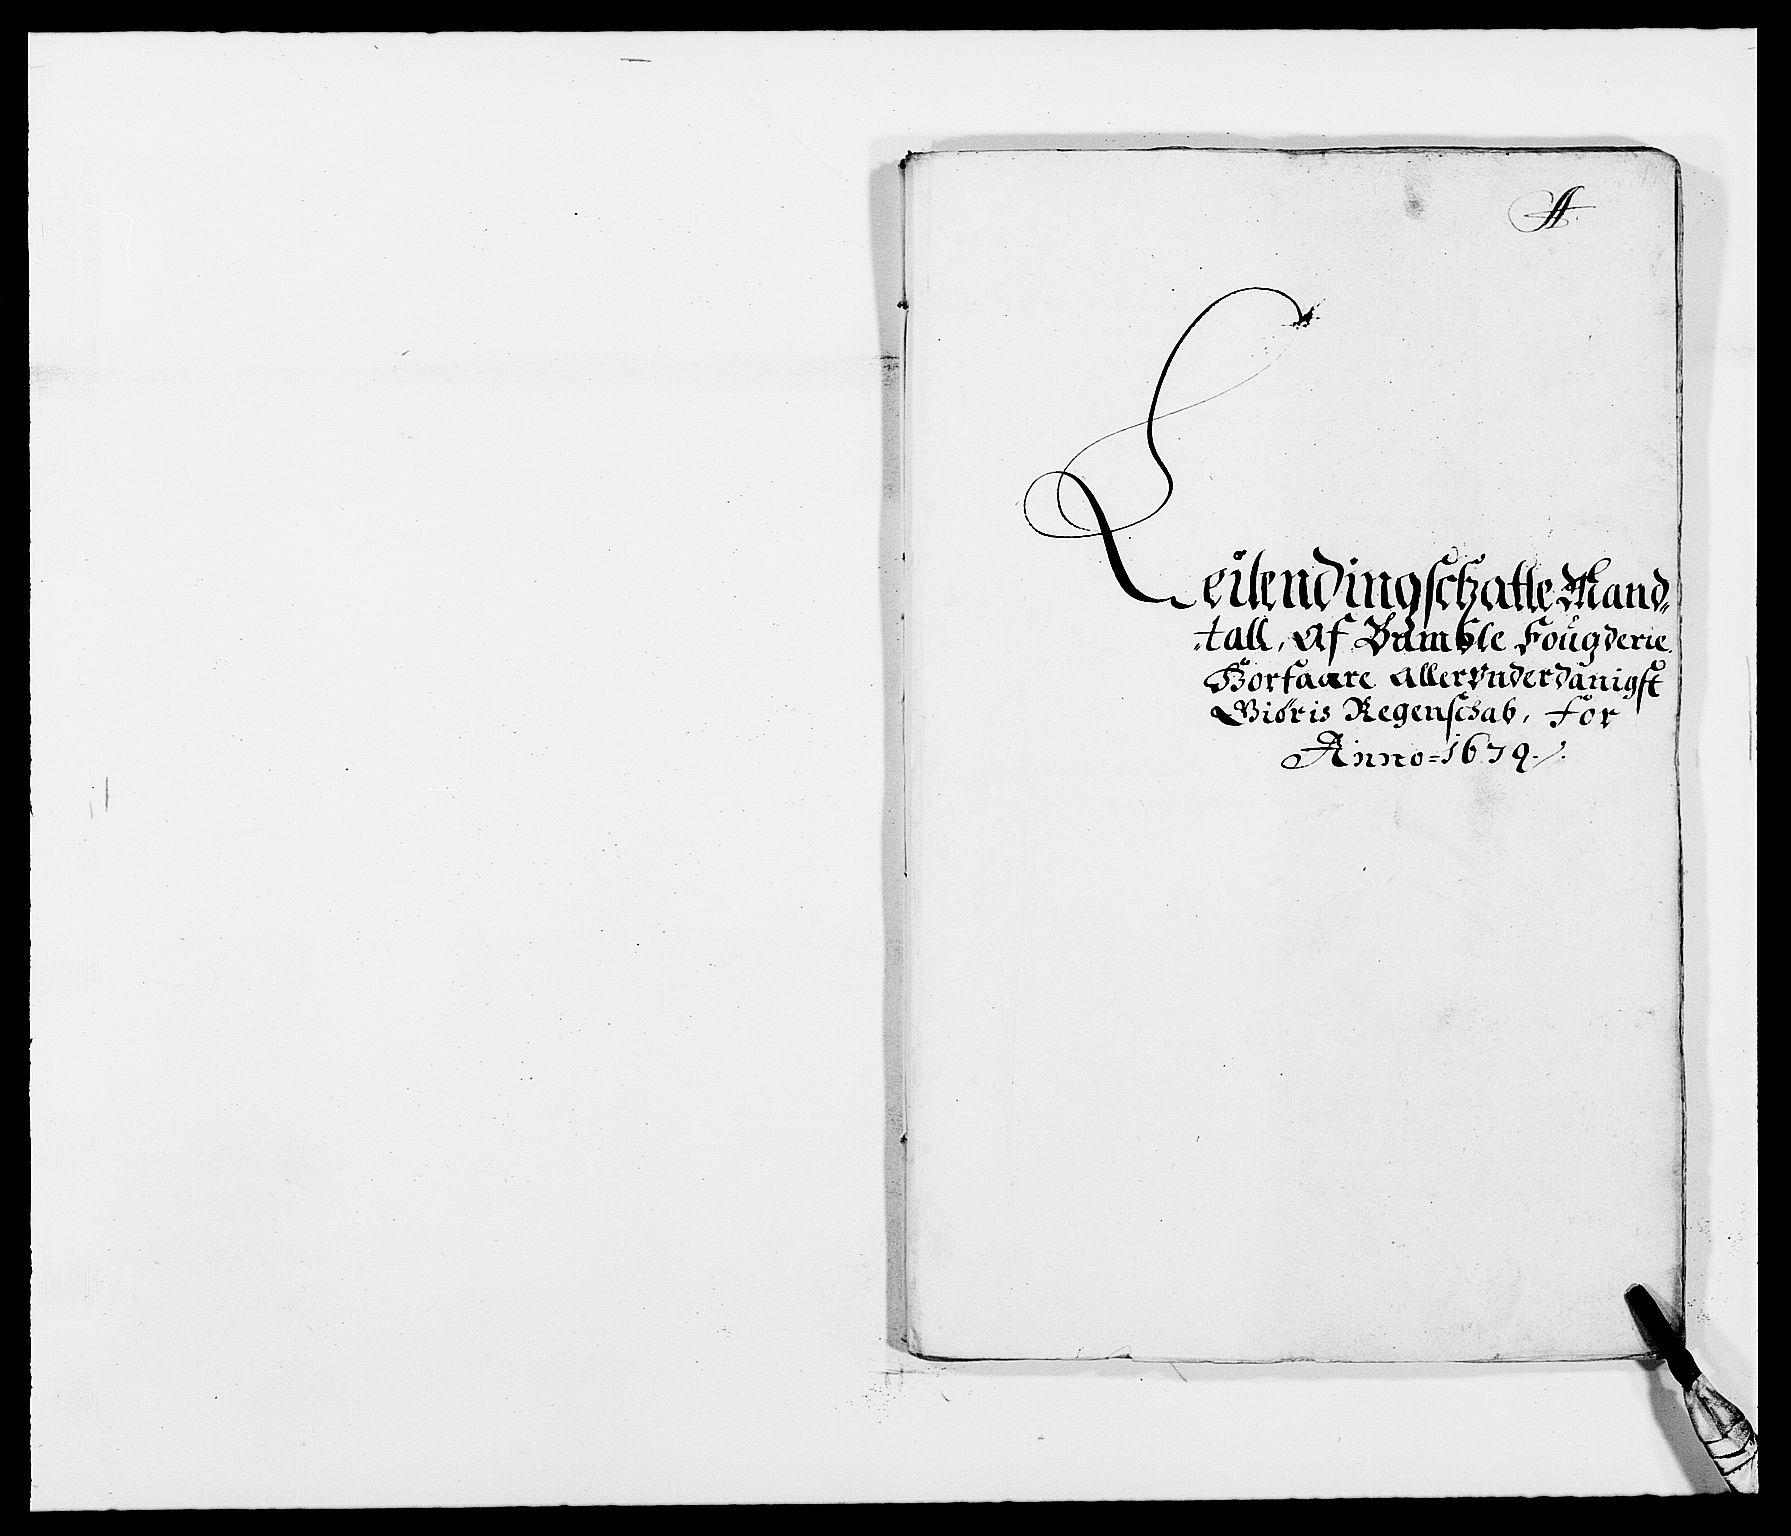 RA, Rentekammeret inntil 1814, Reviderte regnskaper, Fogderegnskap, R34/L2044: Fogderegnskap Bamble, 1678-1679, s. 237